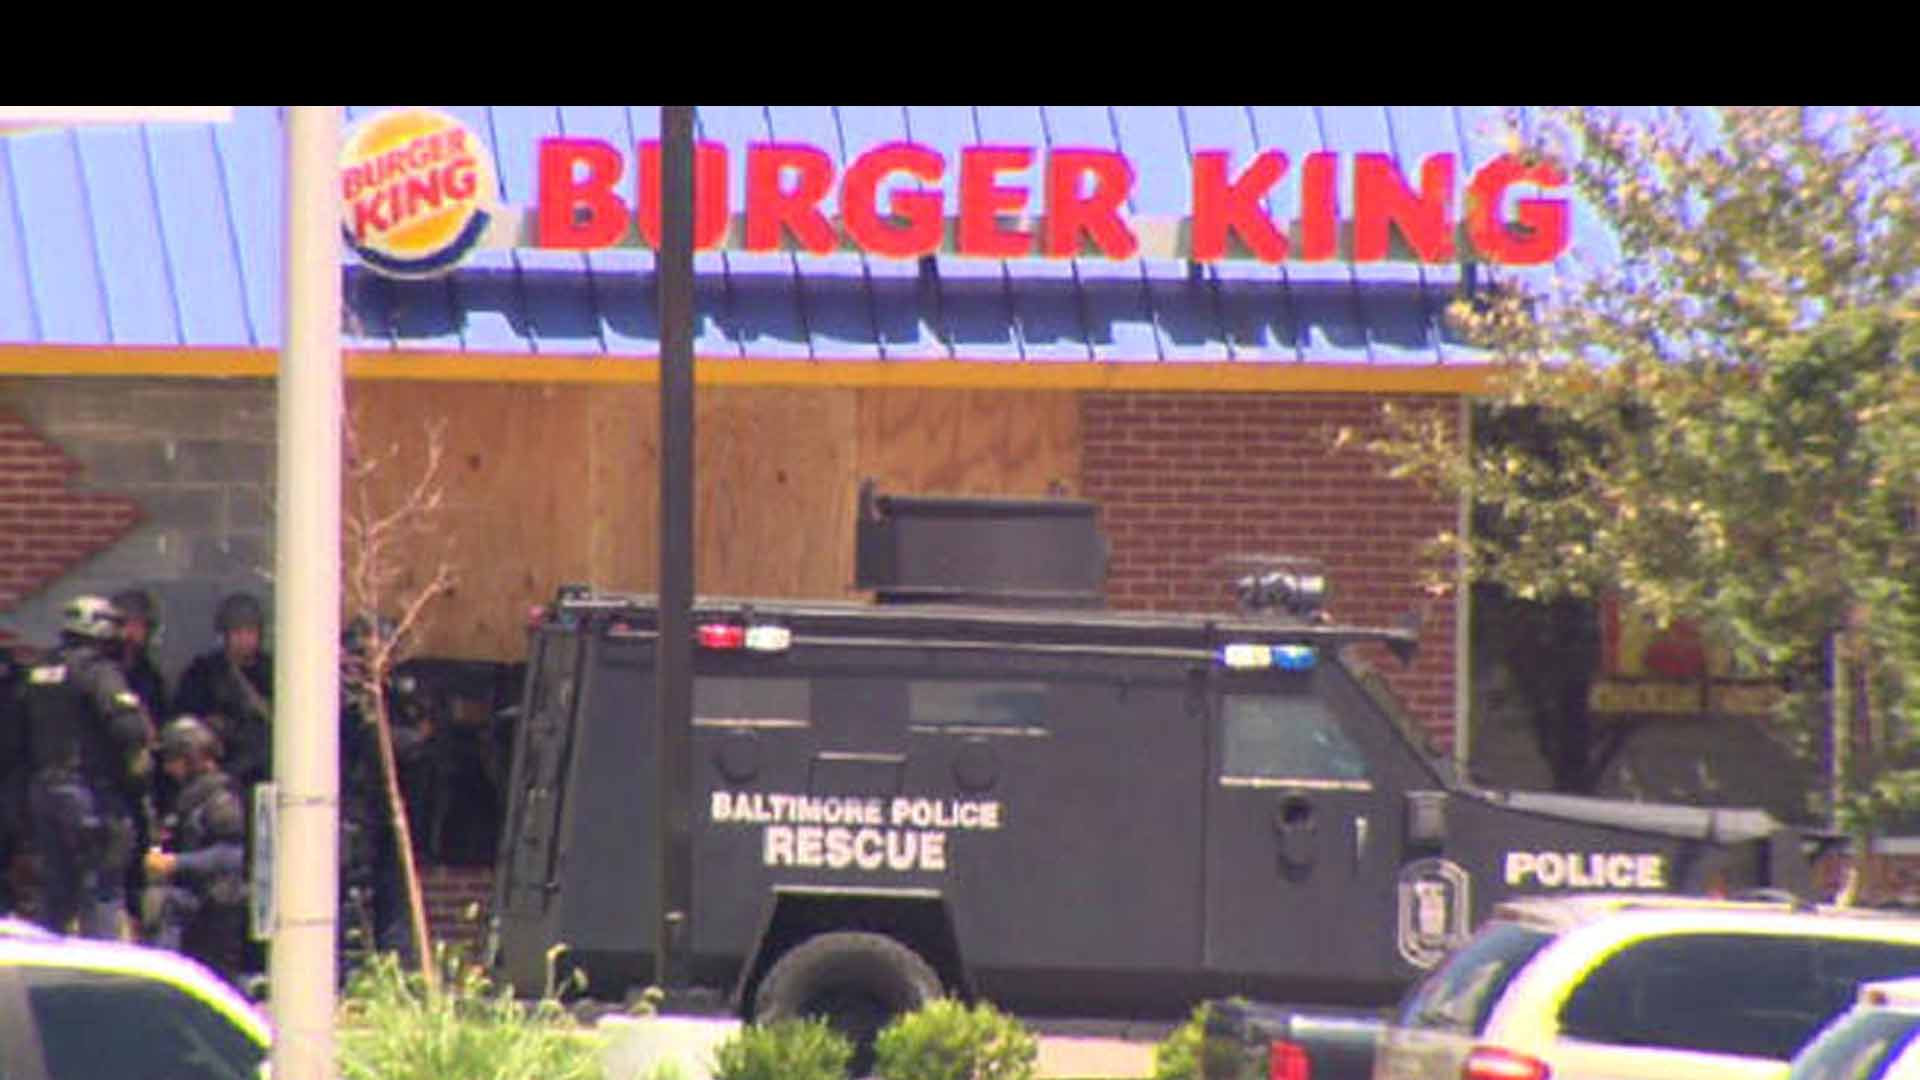 El delincuente había tomado como rehenes a cuatro personas en un restaurante de comida rápida luego de estrellar el carro donde huía